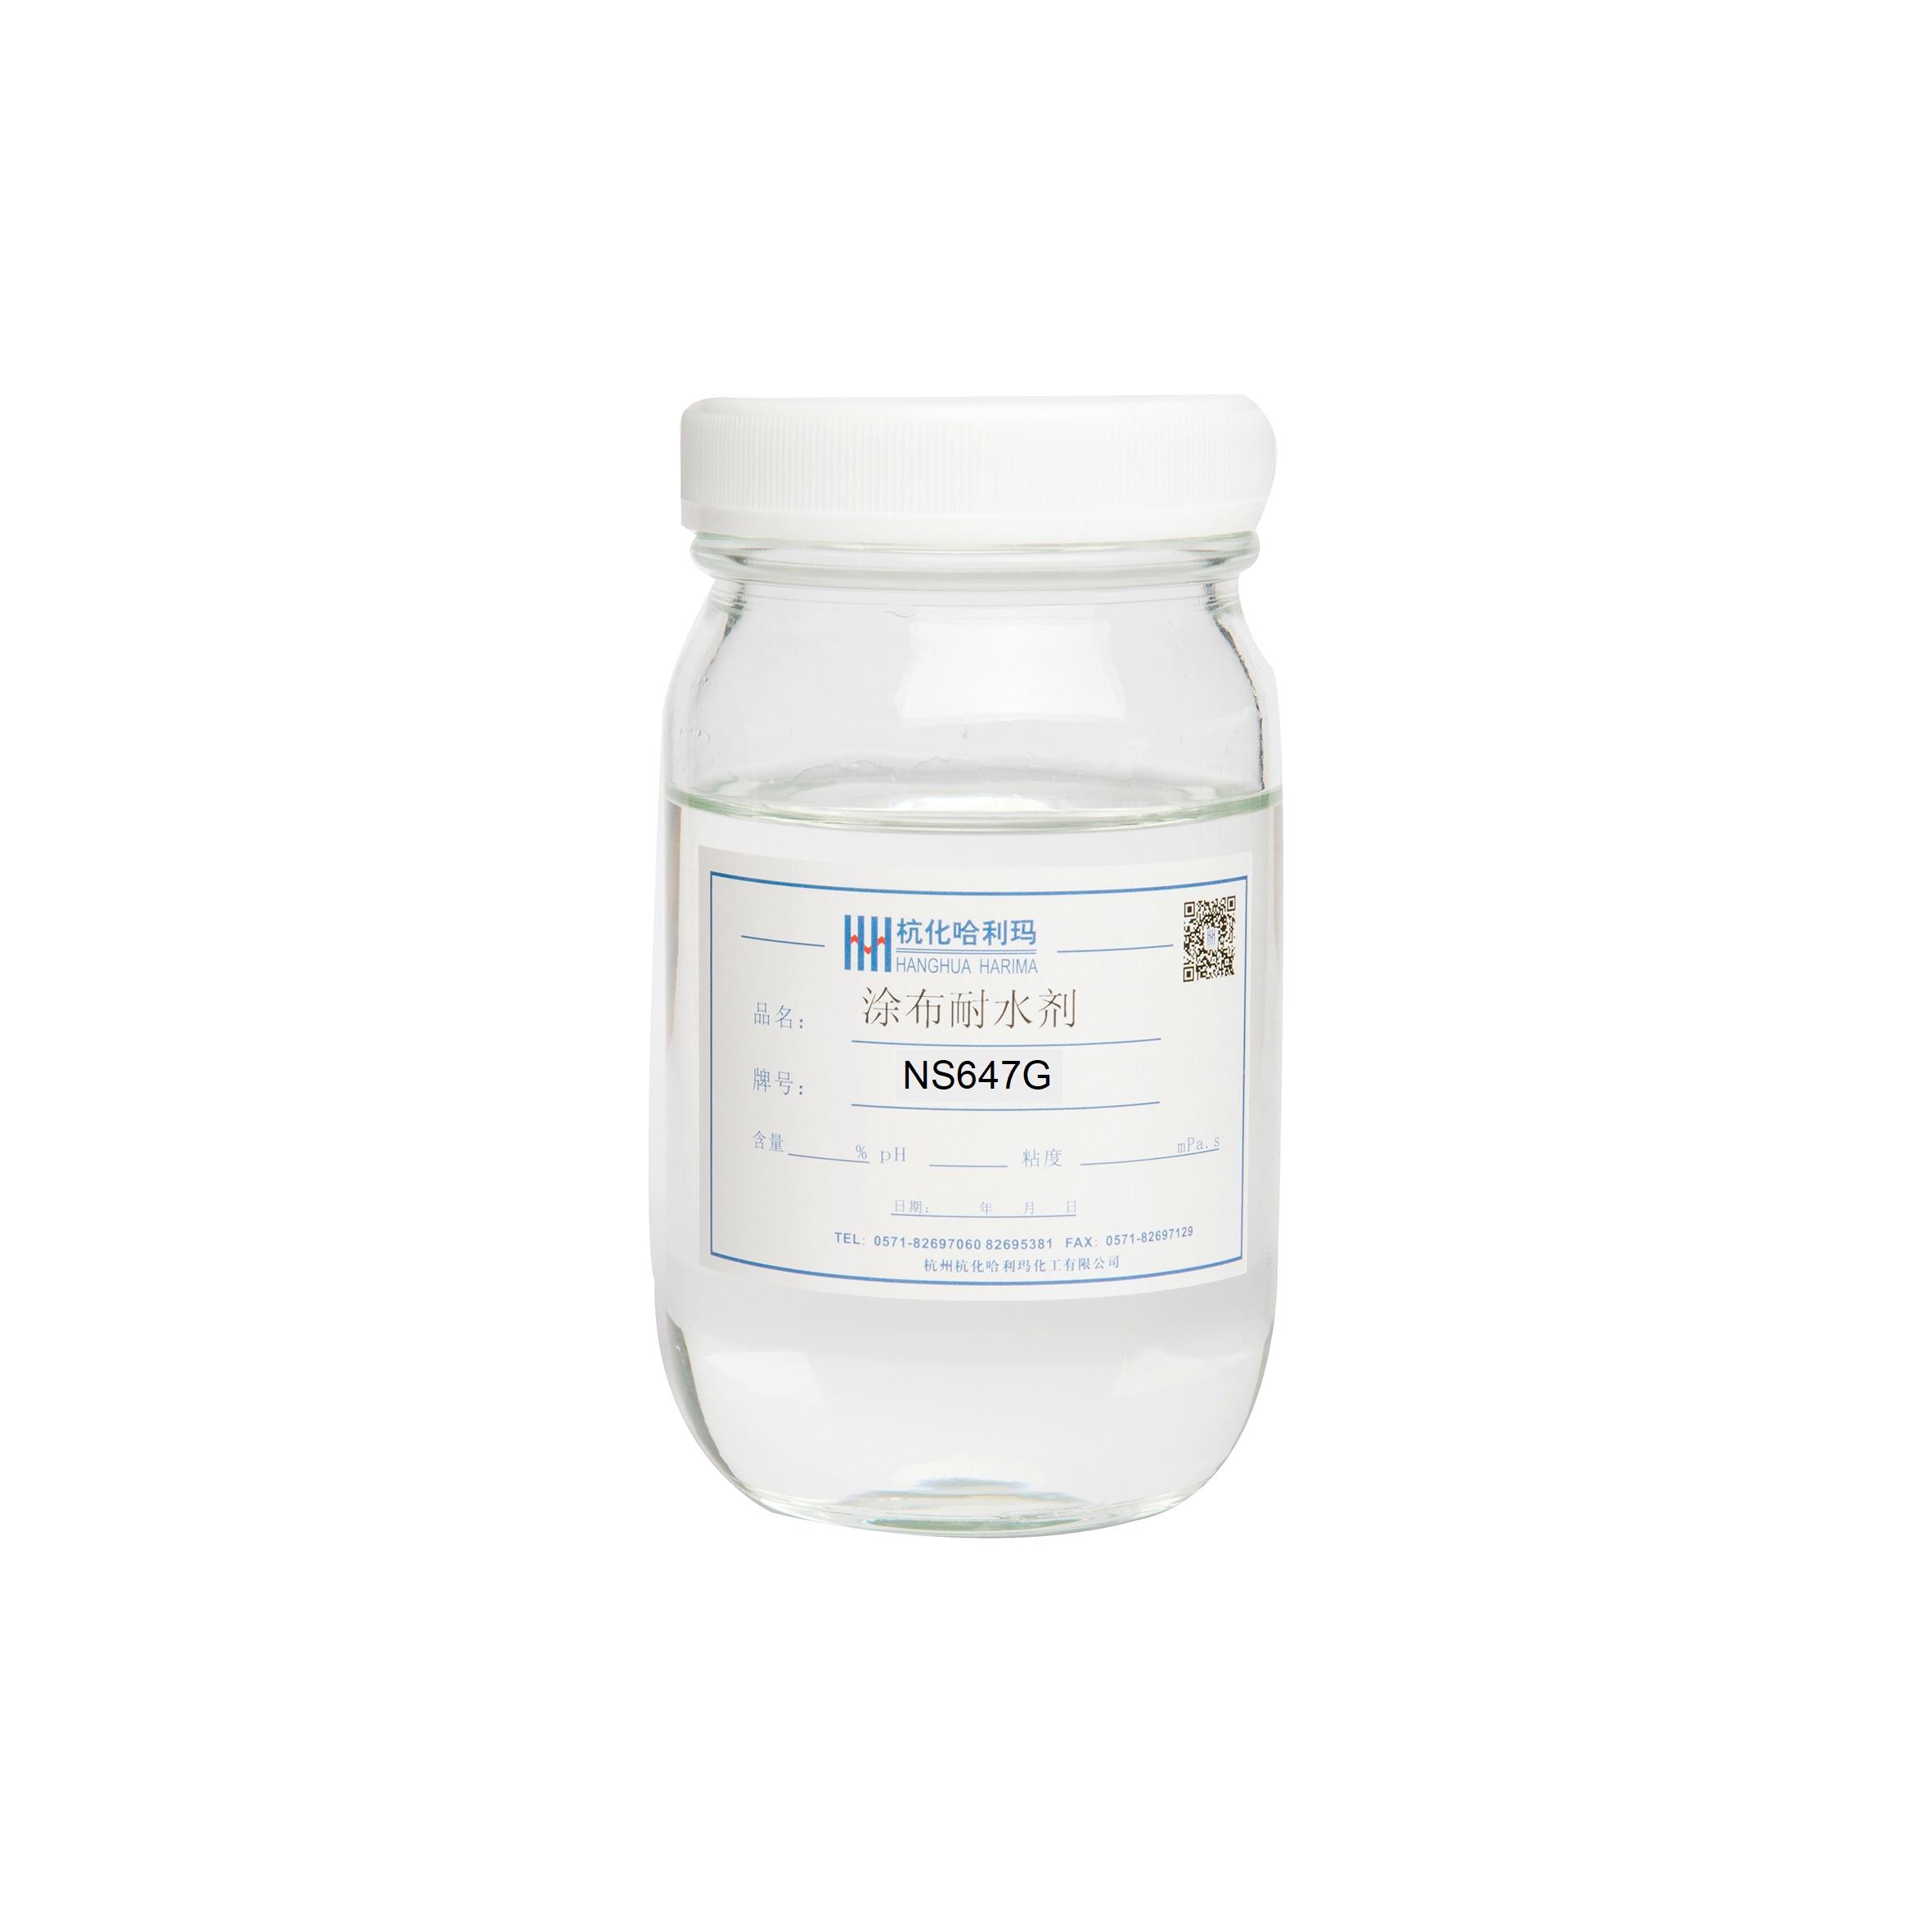 環保型涂布耐水劑NS-647G